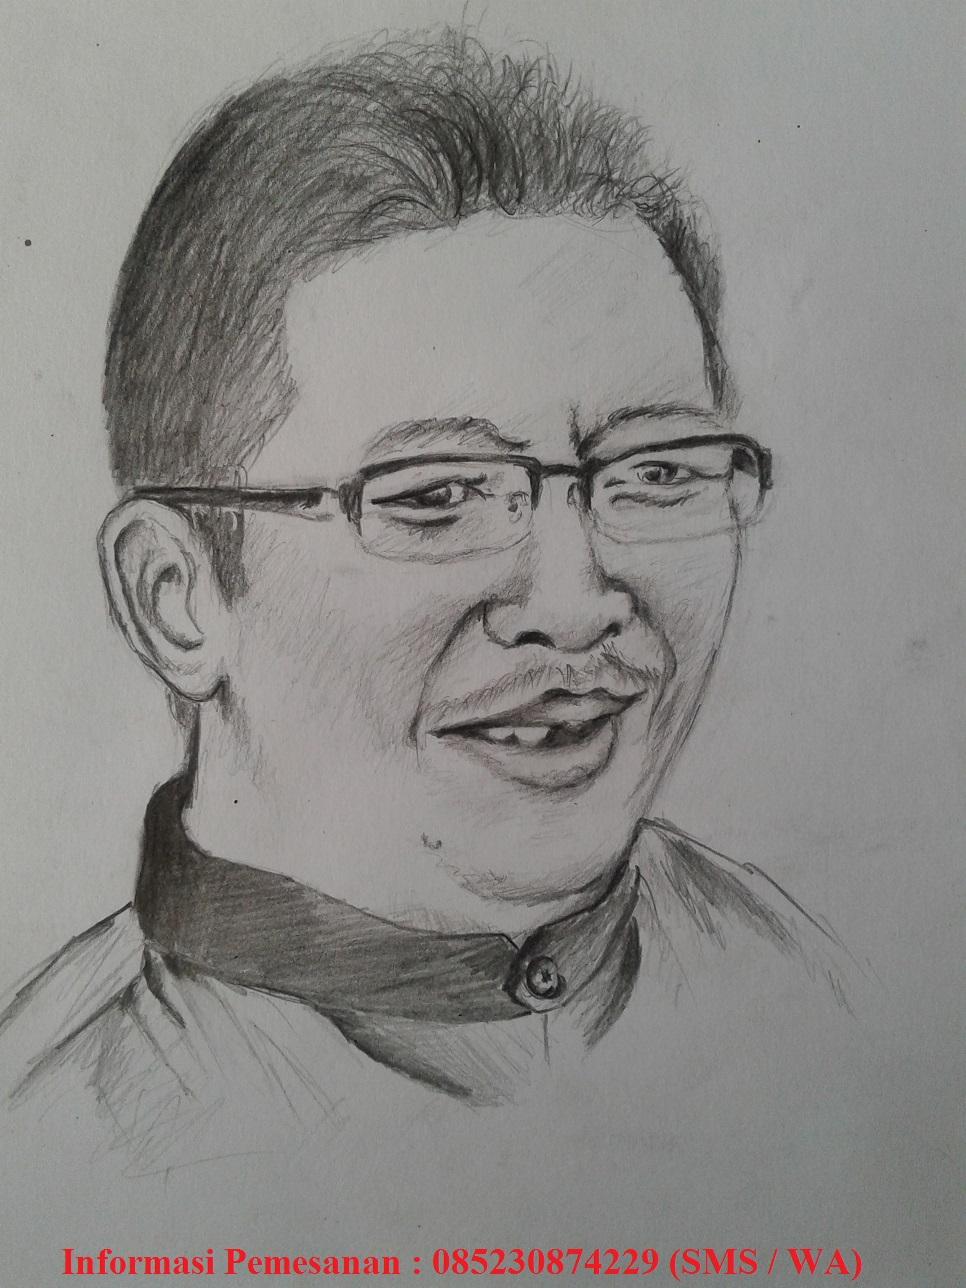 Jual Sketsa Wajah Online Menggunakan Pensil Didik Jatmiko Blogger